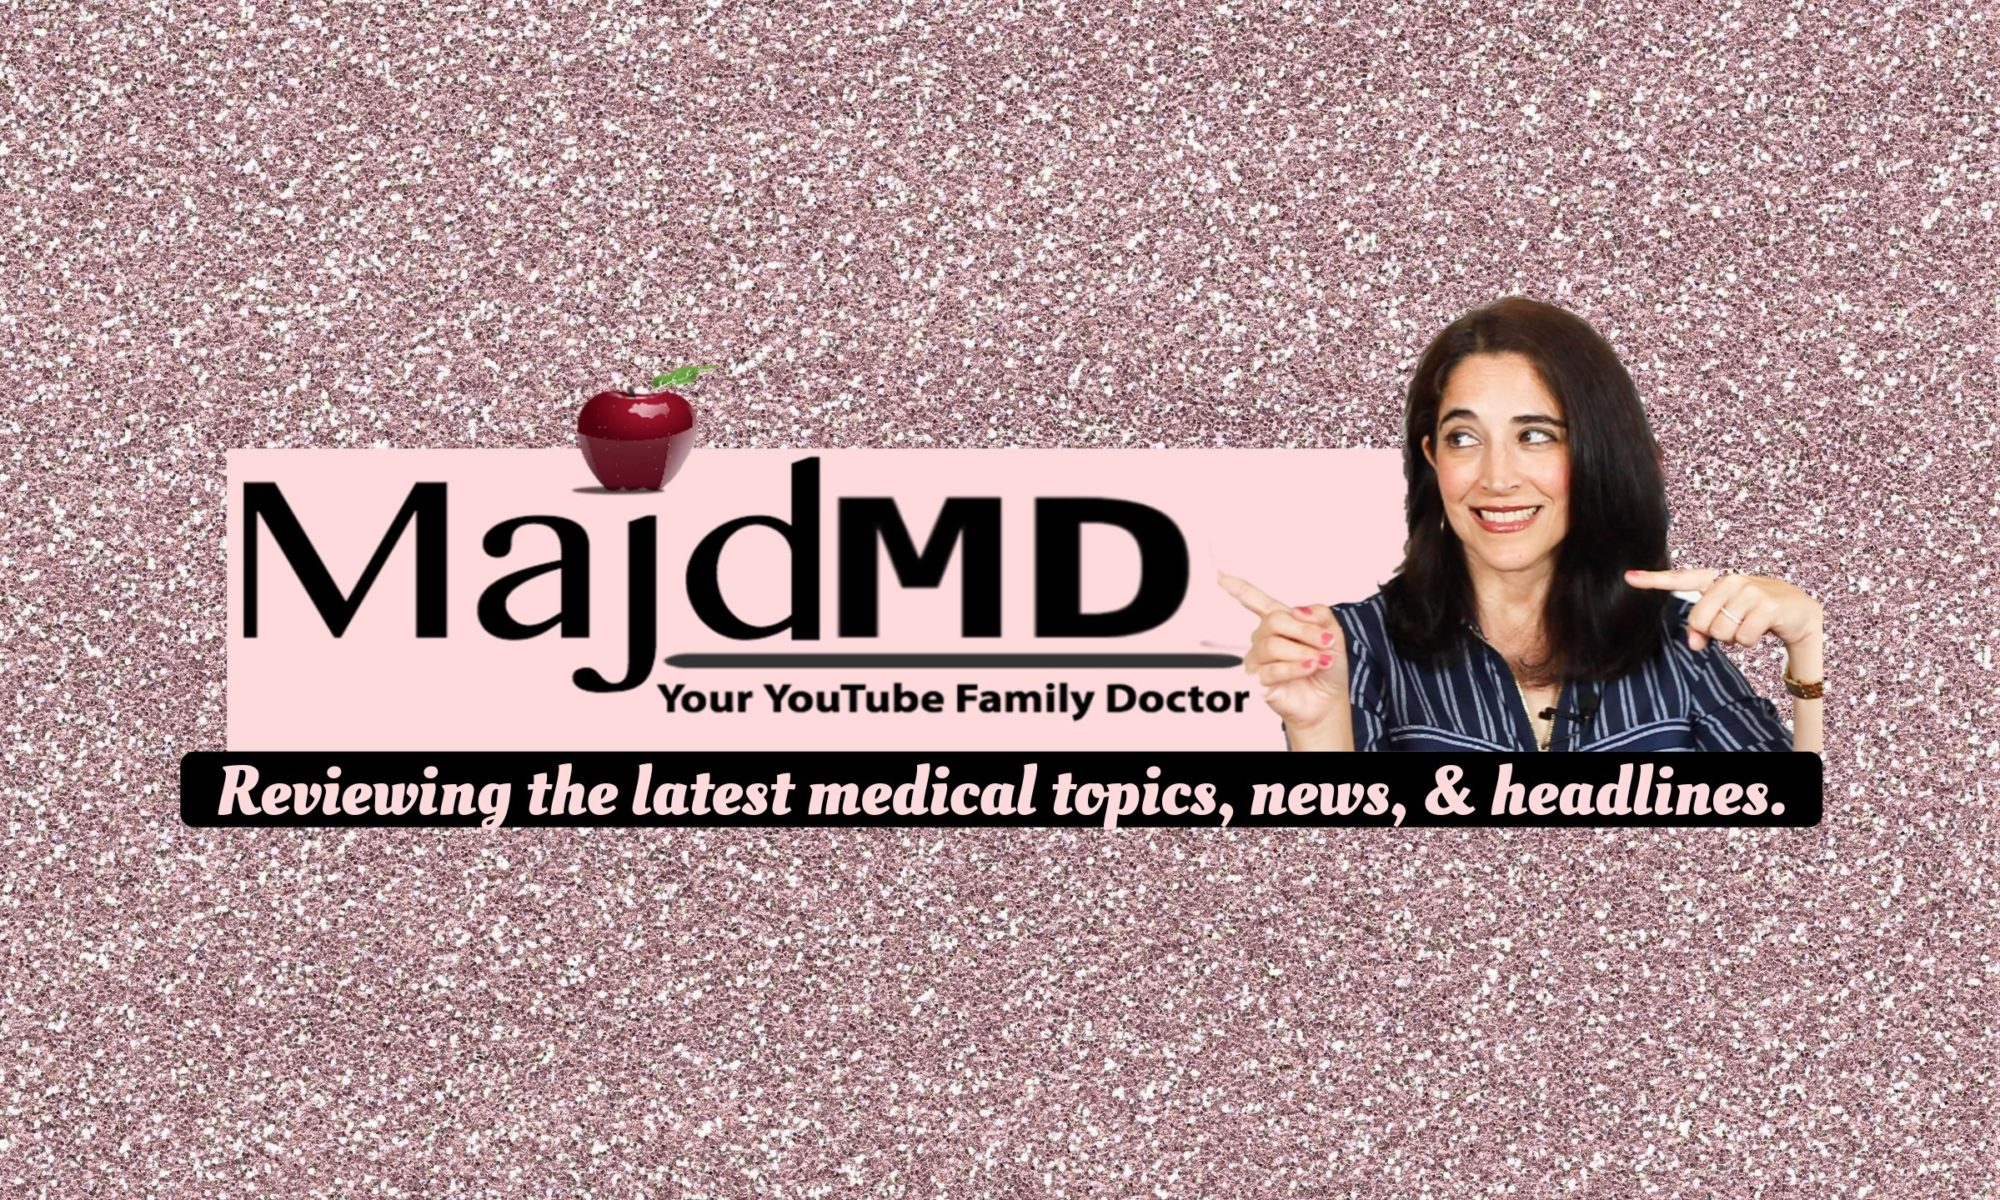 Majd MD